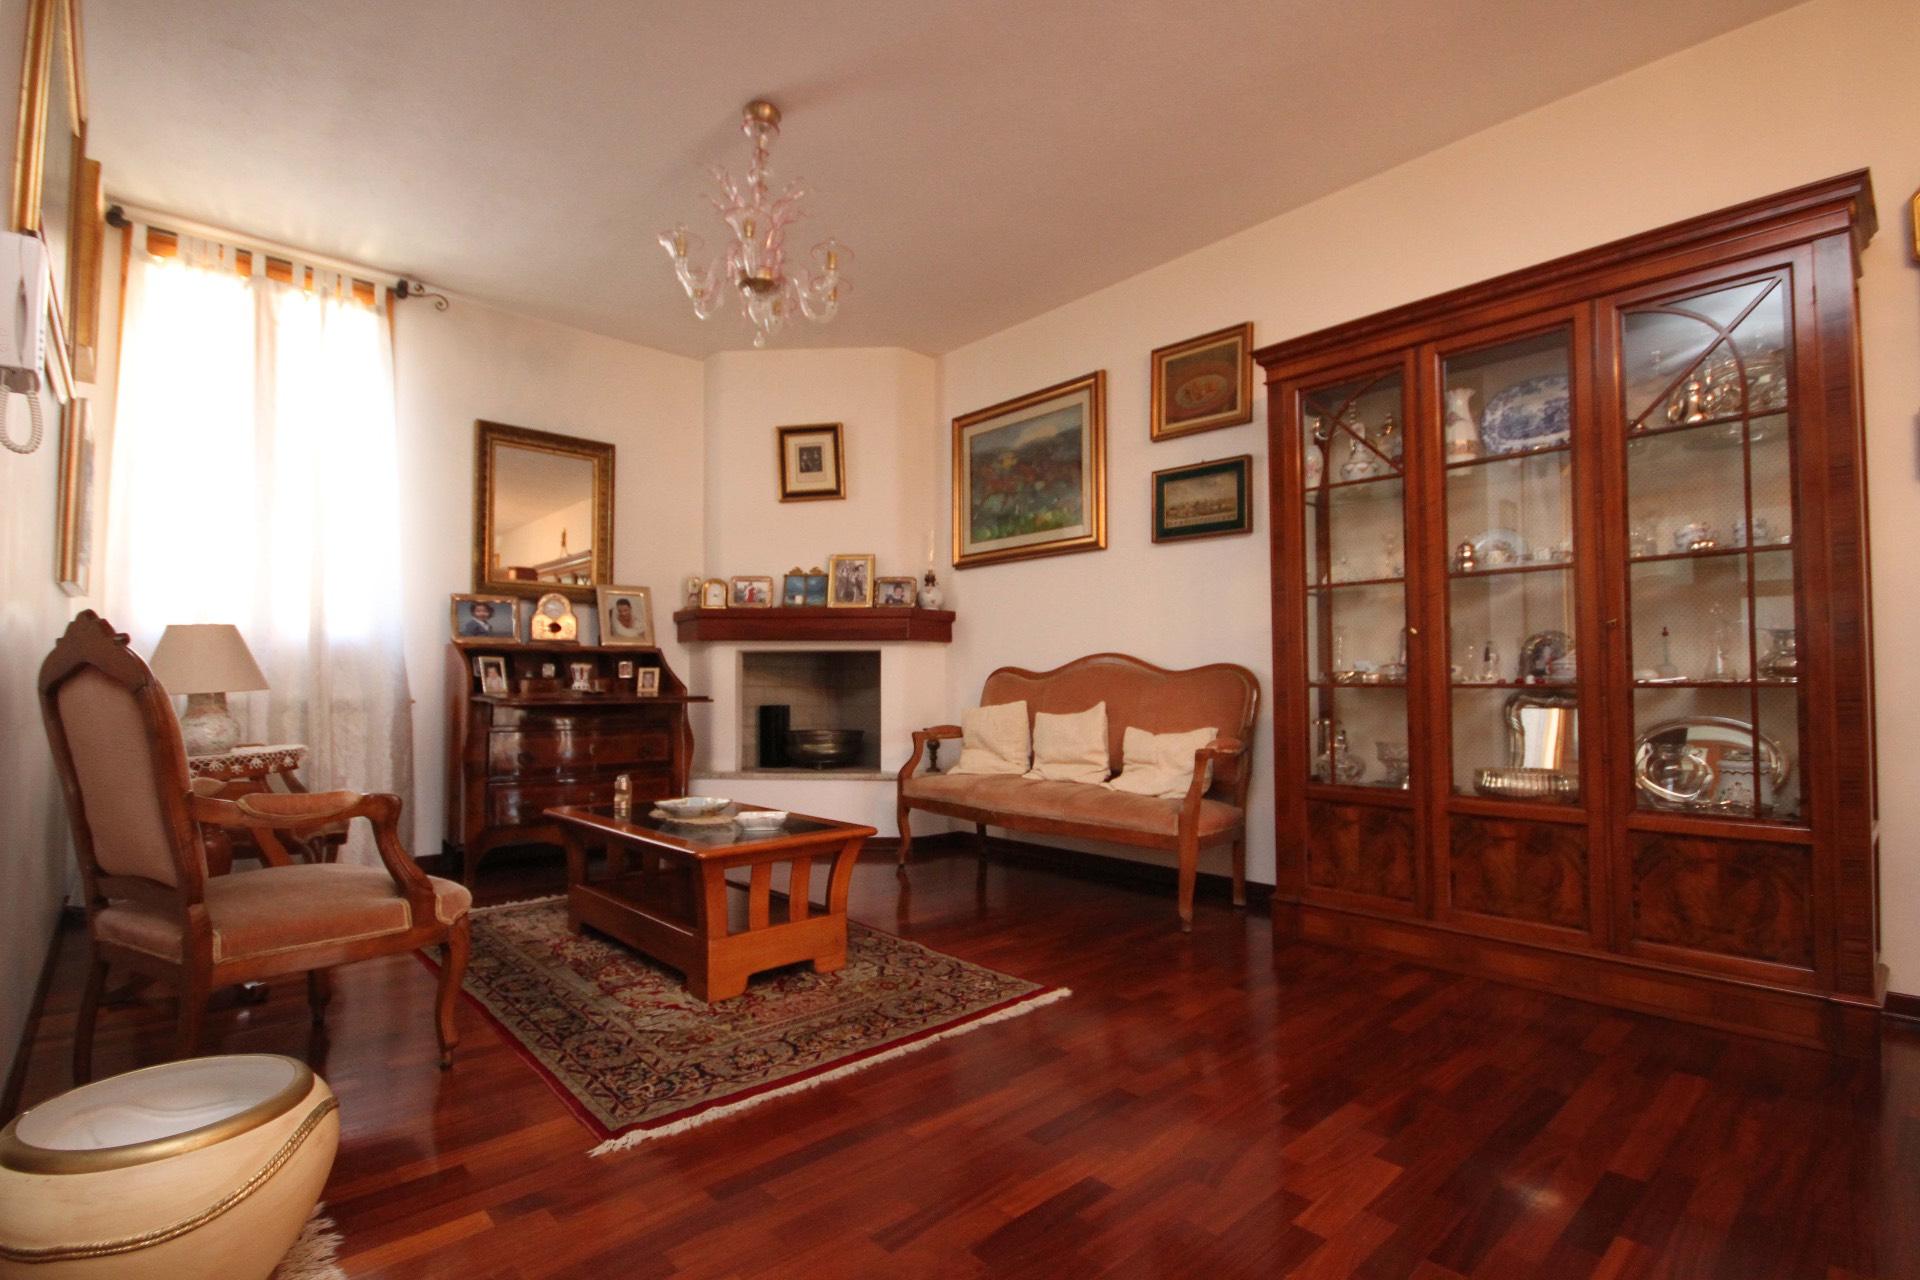 Villa in vendita a Quartu Sant'Elena, 5 locali, zona Località: SanBendetto-ViaFiume, prezzo € 415.000 | Cambio Casa.it